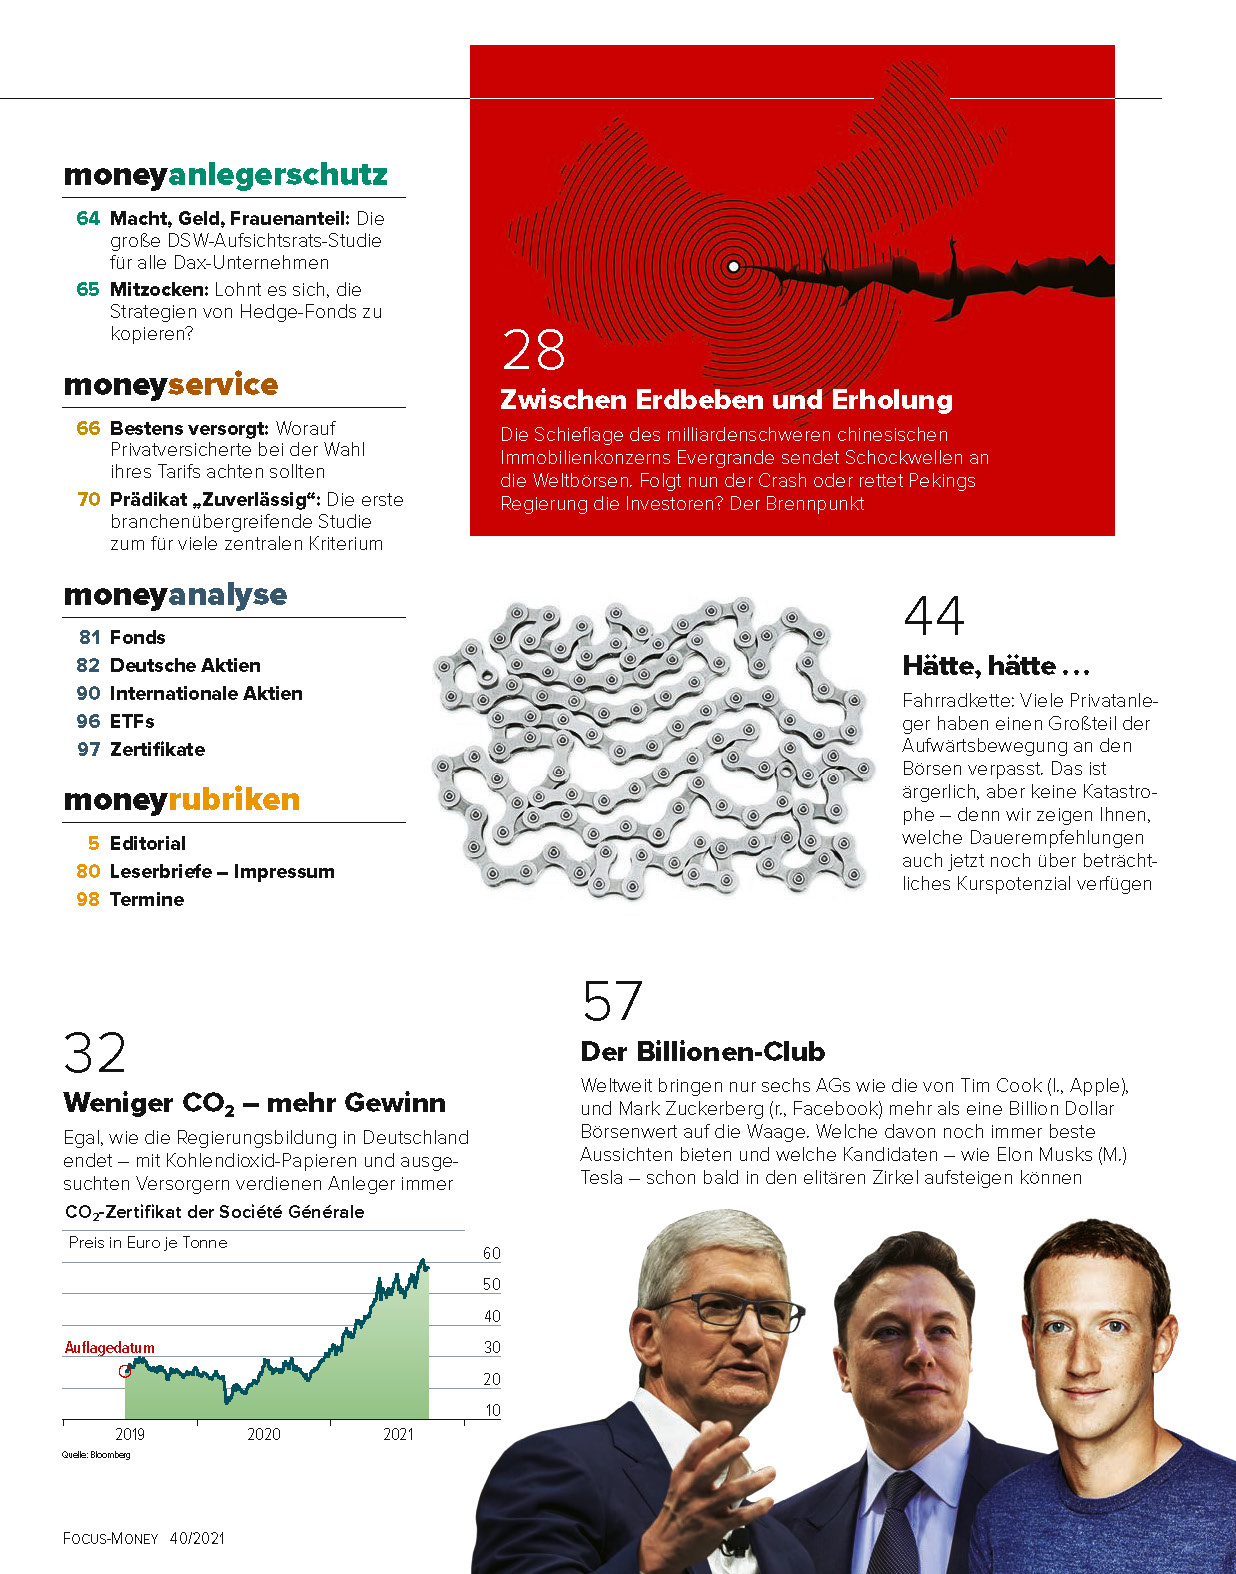 FOCUS-MONEY FOCUS MONEY – Gibt es eine Anlagestrategie ohne Risiko? Ja!